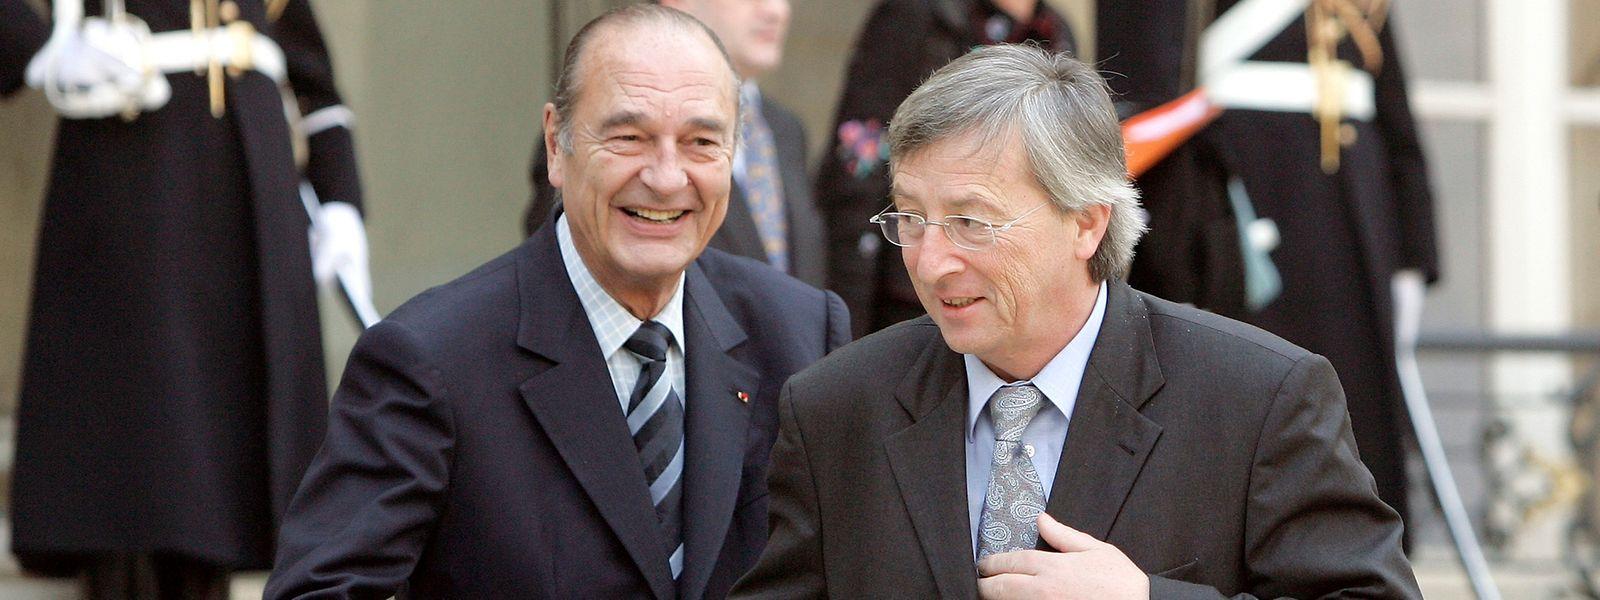 Jacques Chirac raccompagnant Jean-Claude Juncker sur le perron de l'Elysée à la suite d'échanges de vue concernant Arcelor, le 1er février 2006.